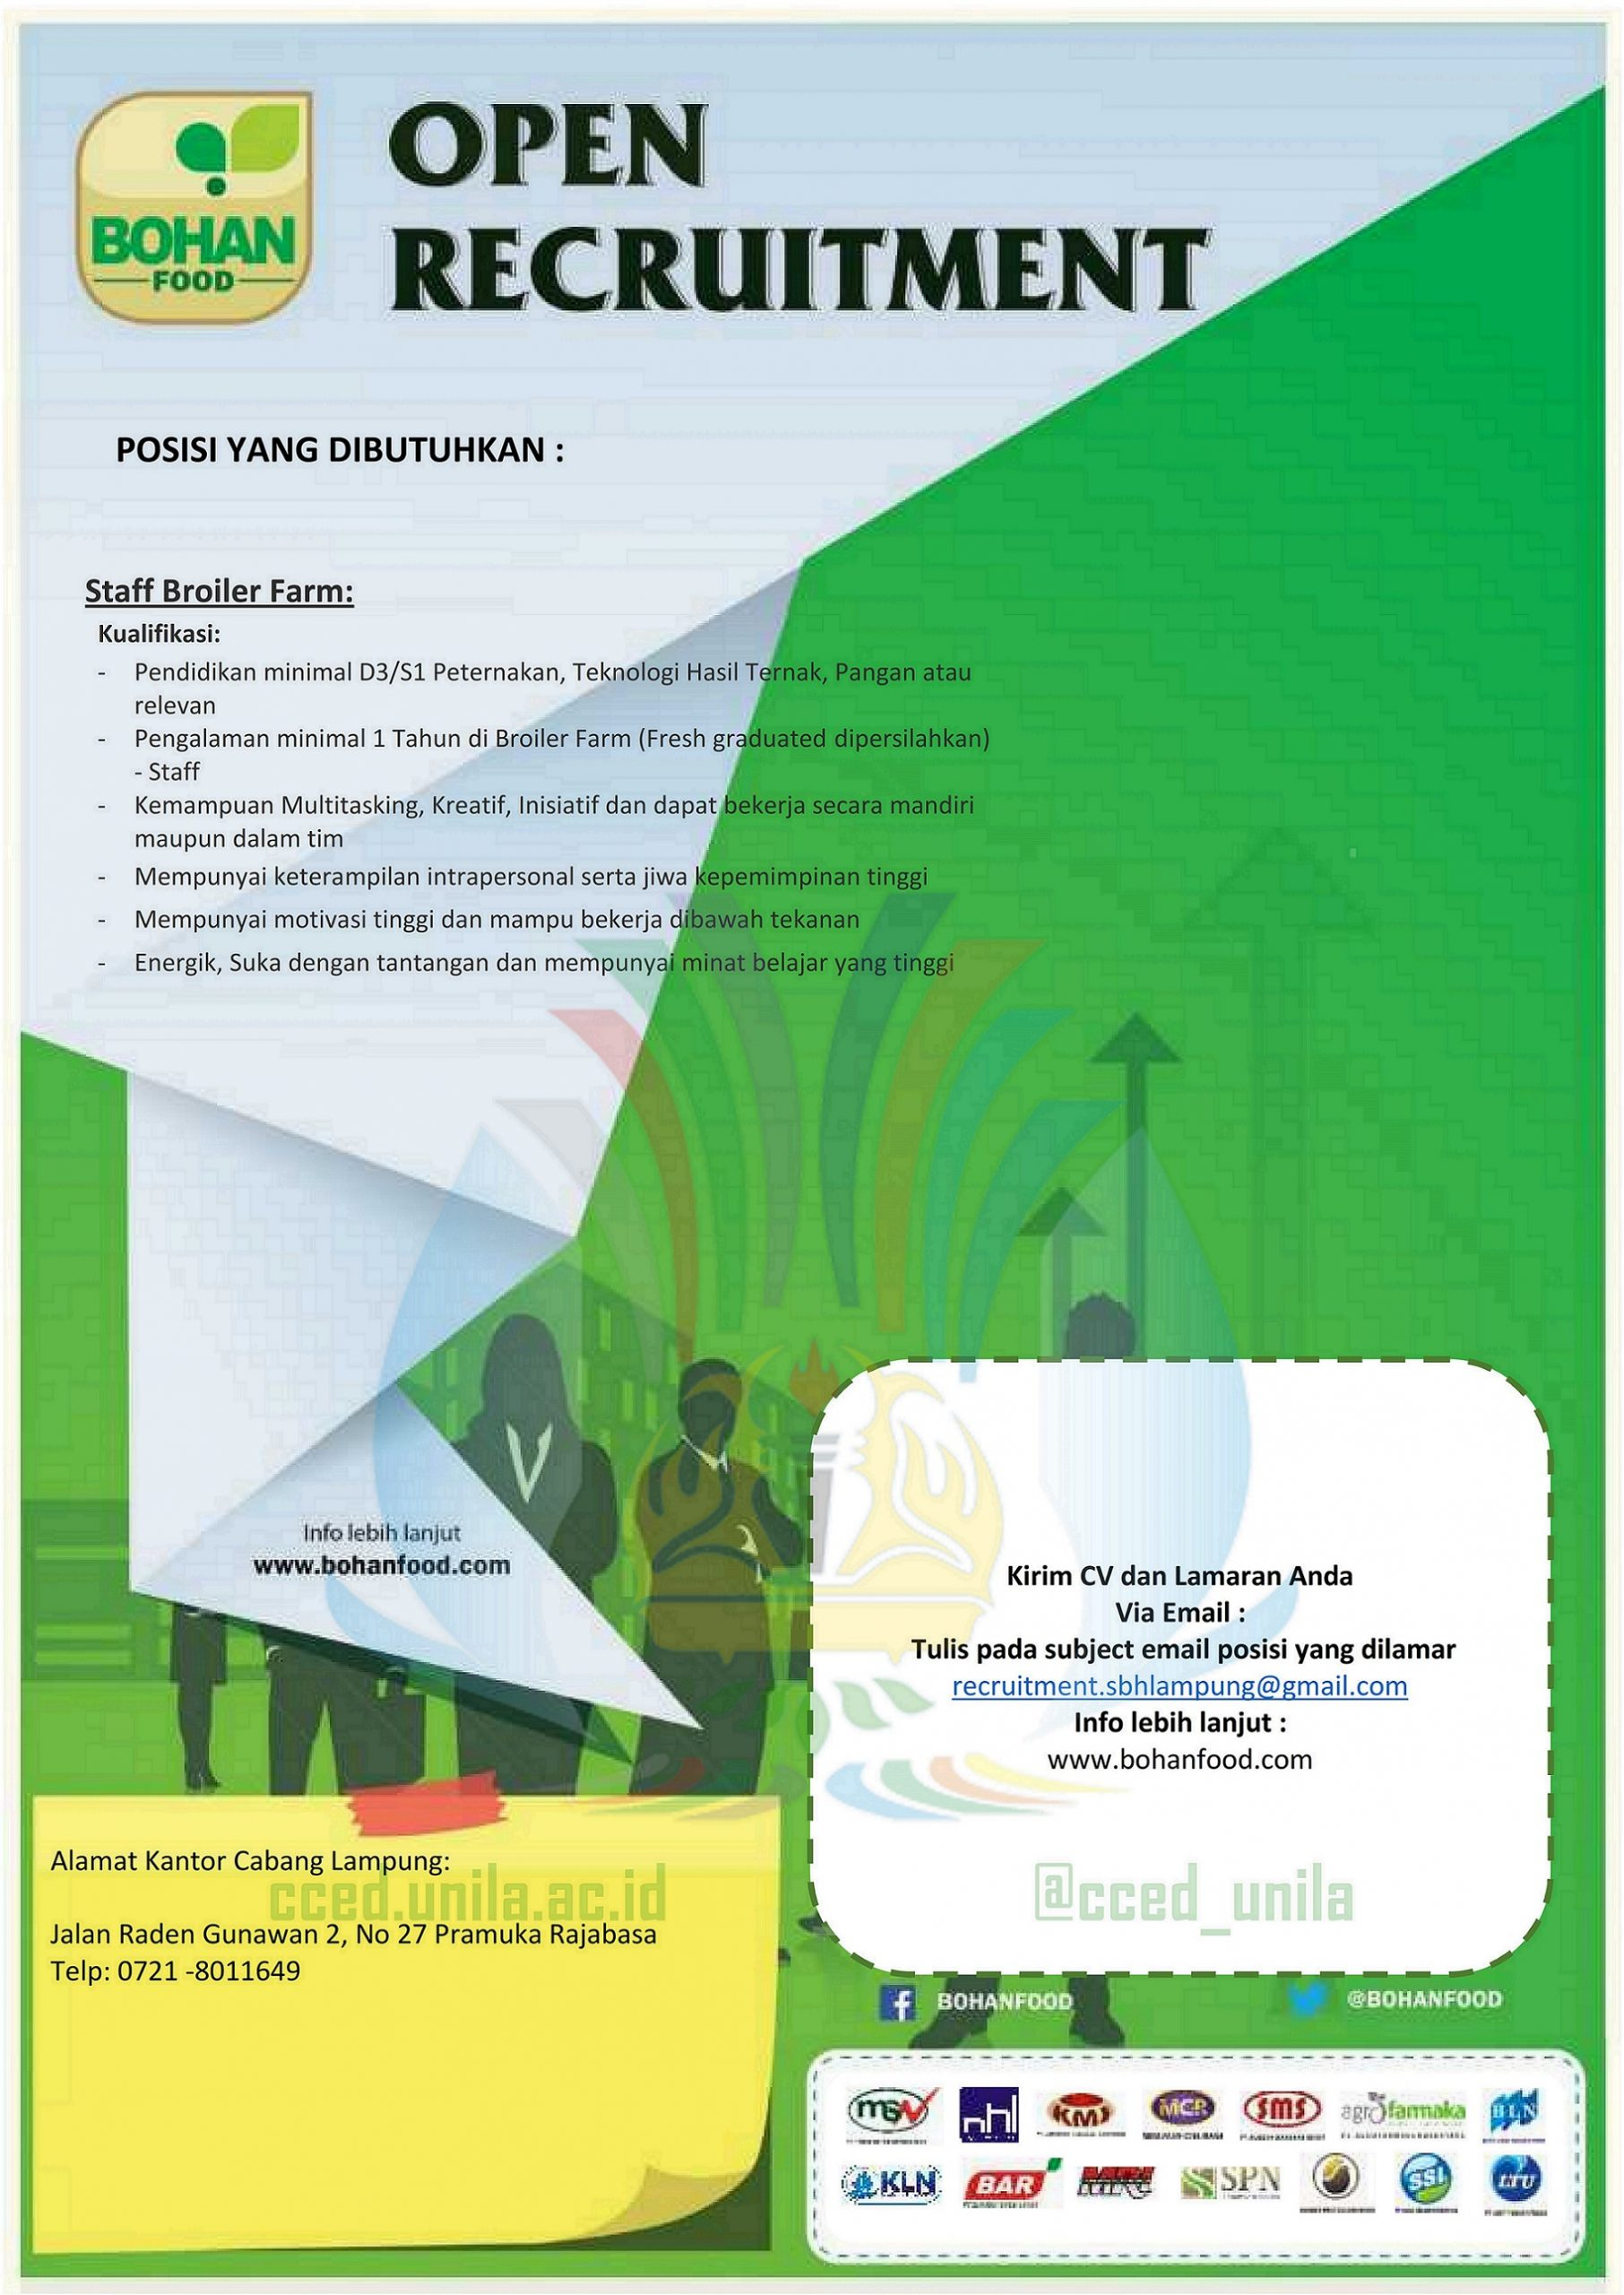 Cced Universitas Lampung Staf Broiler Farm Pada Pt Sentra Boga Handal Loker Lampung